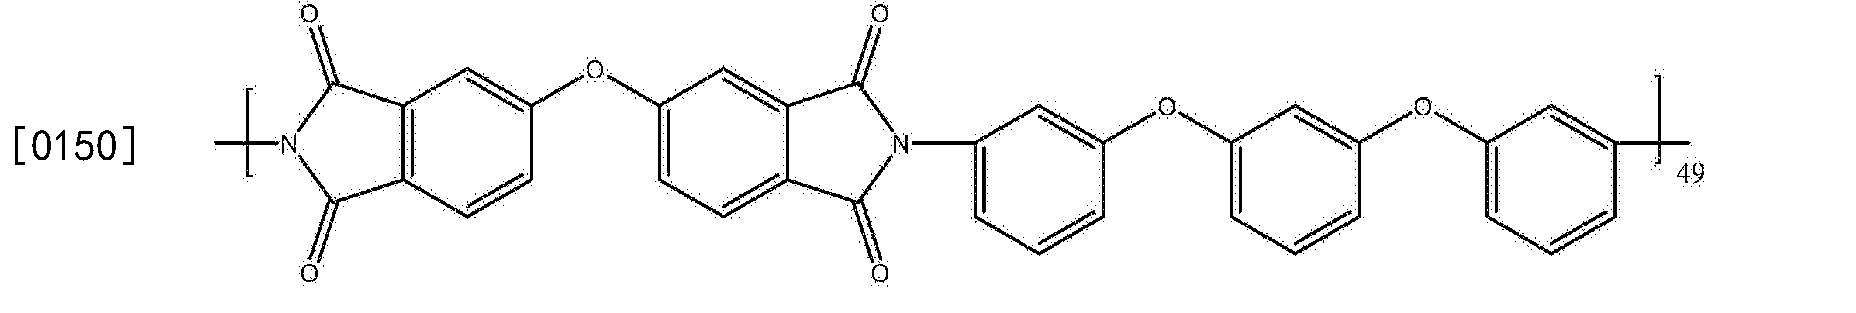 Figure CN104829837BD00201